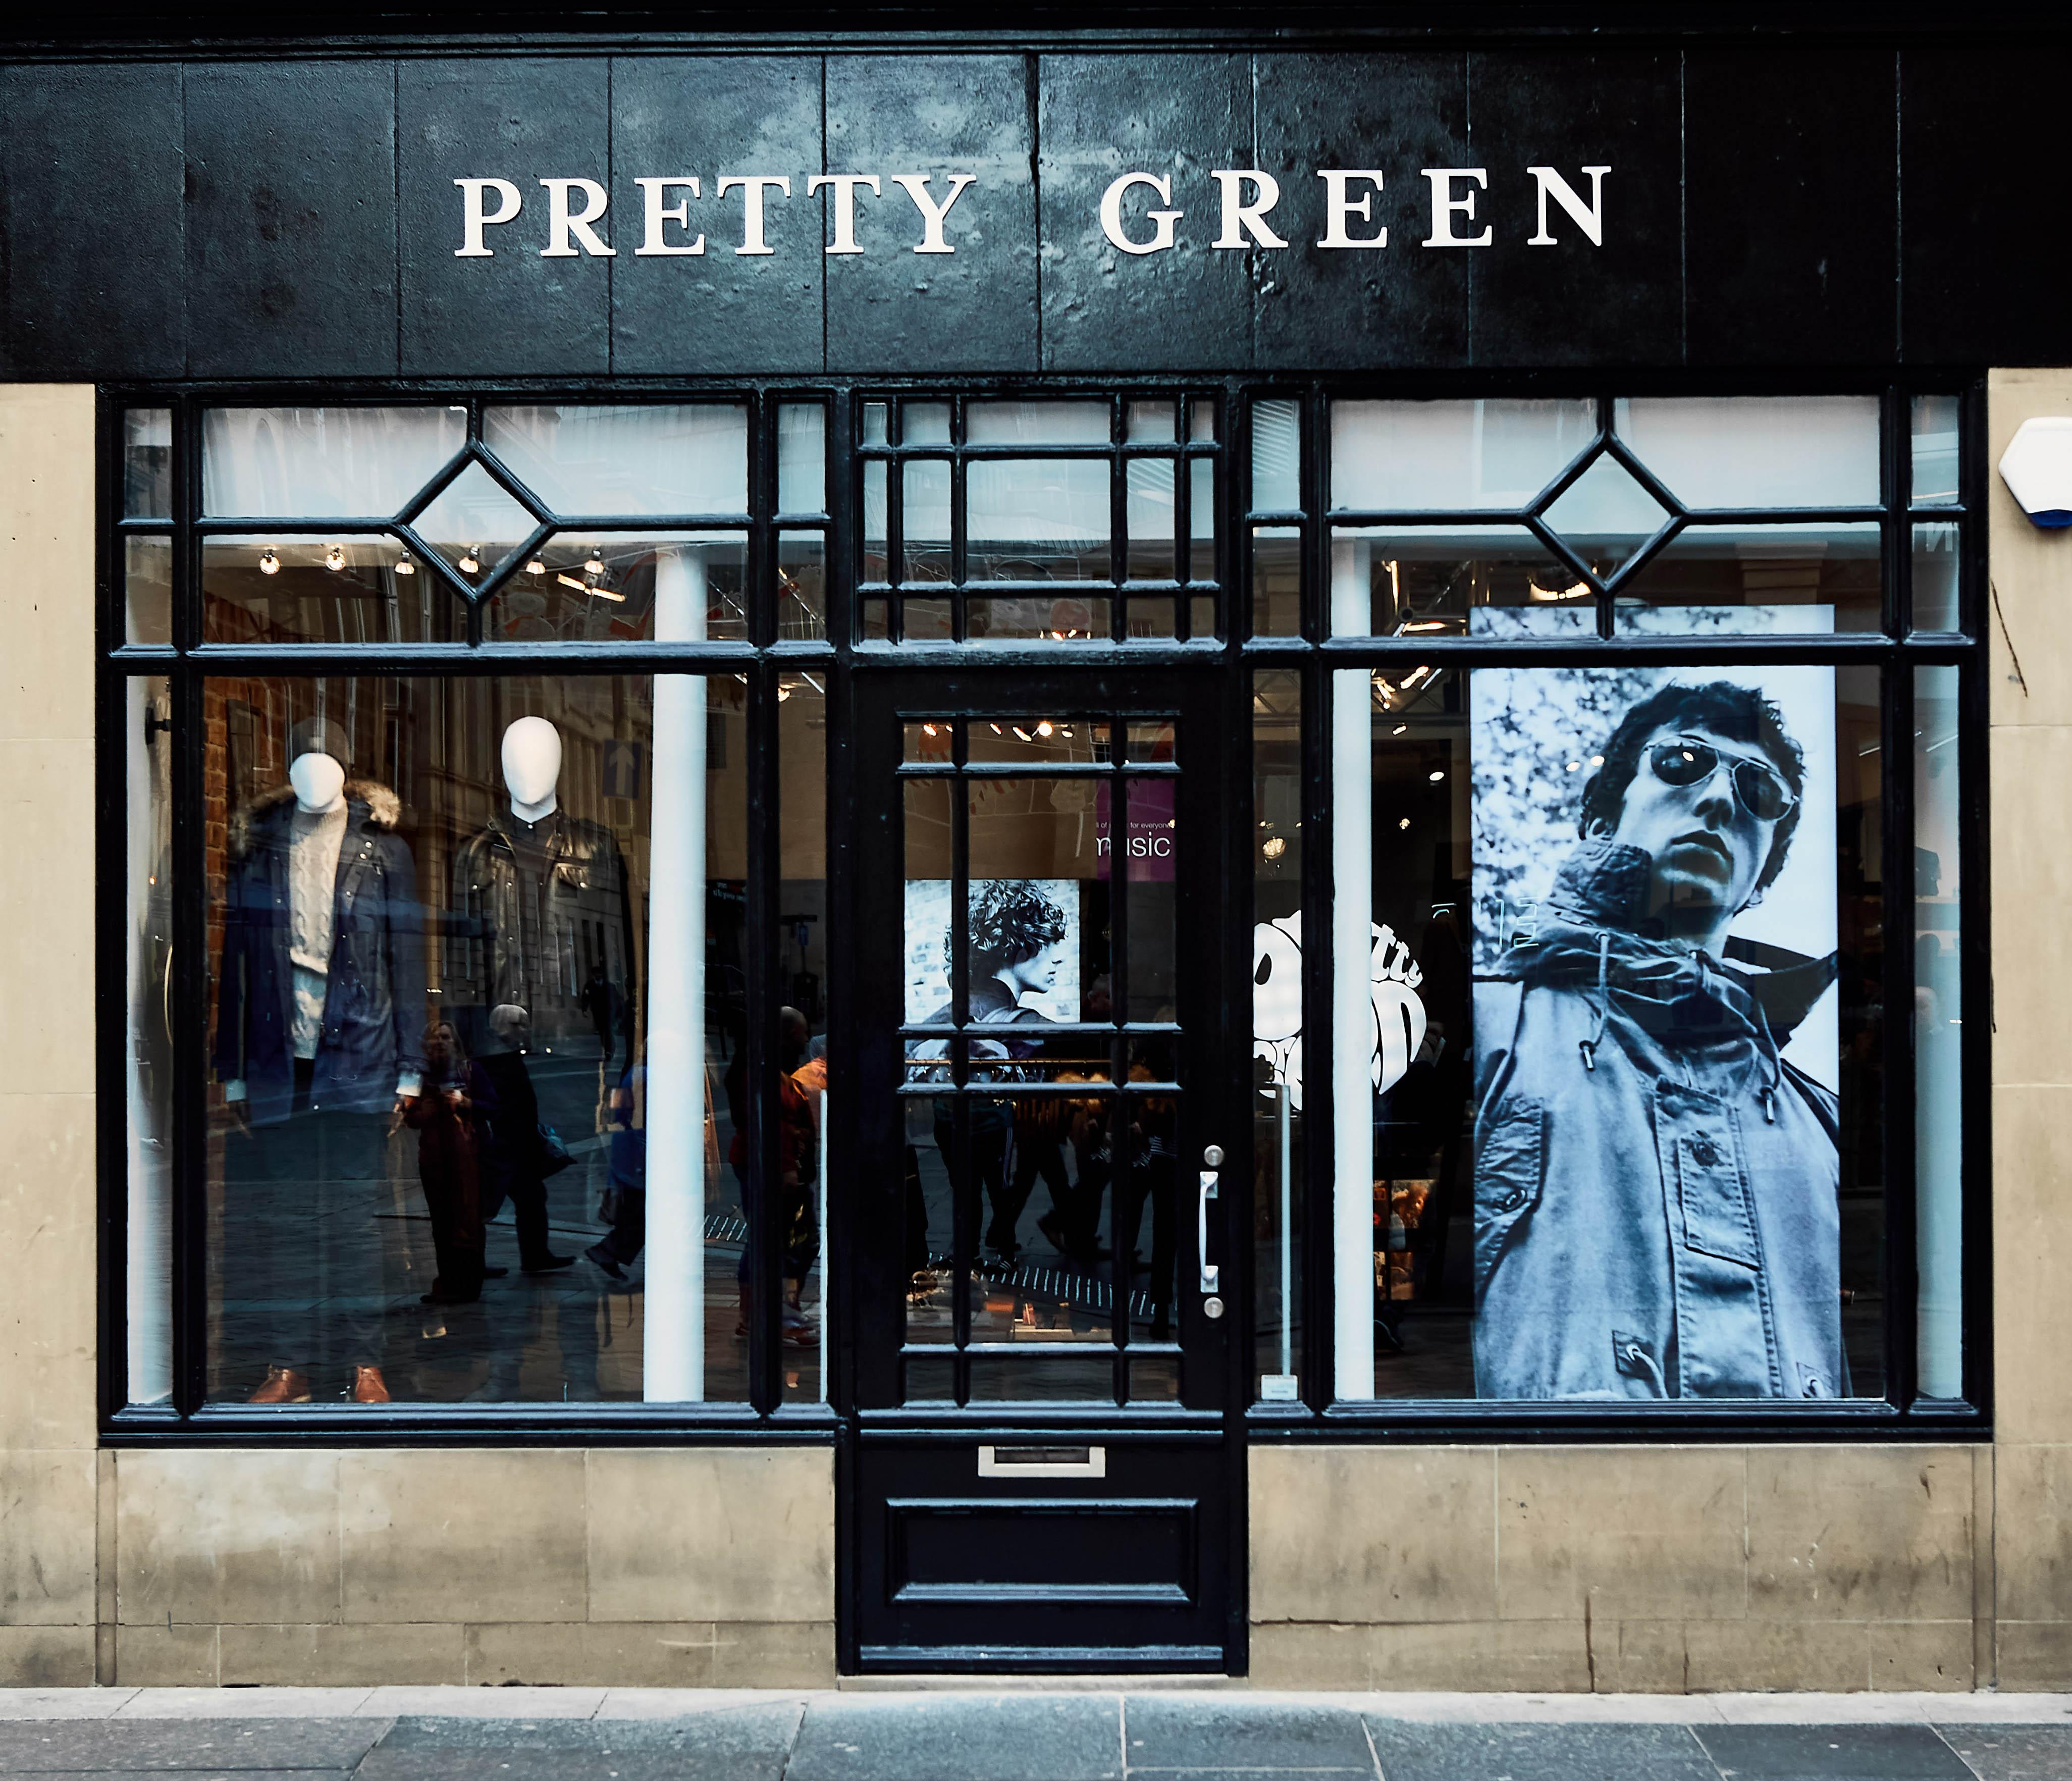 The Pretty Green store in Newcastle